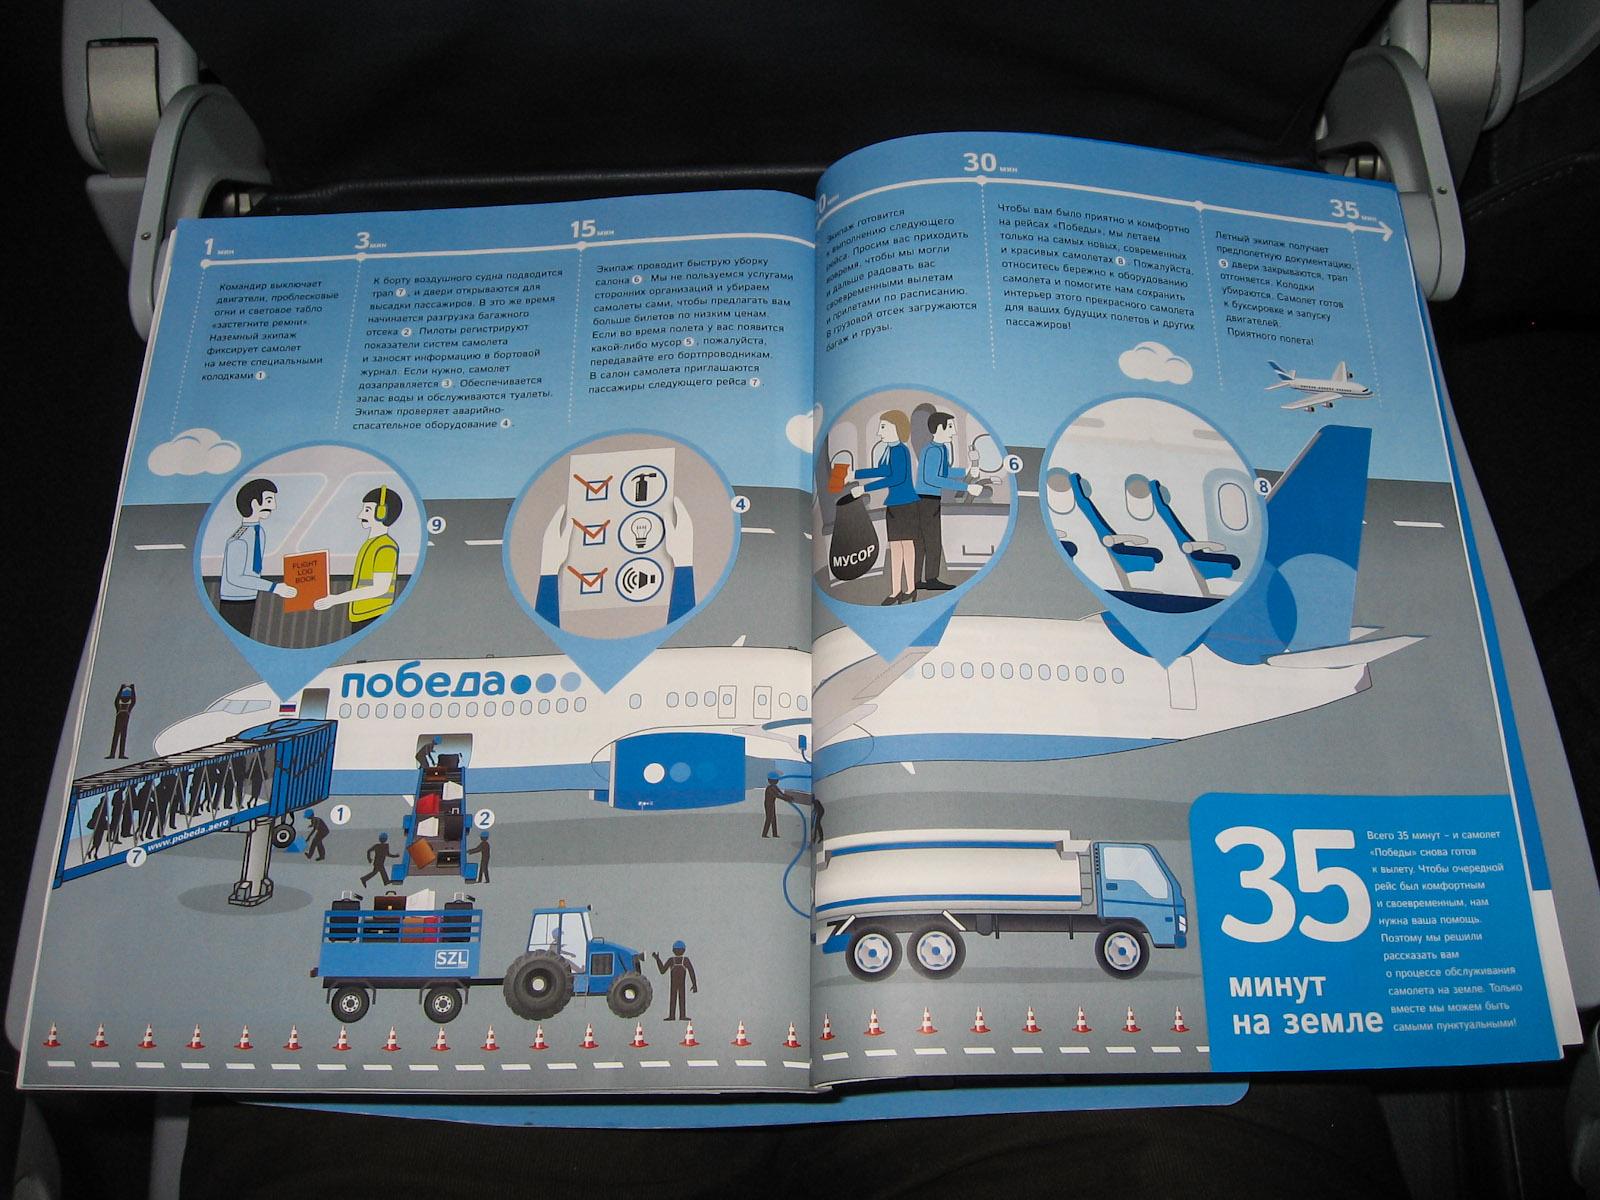 Журнал для пассажиров авиакомпании